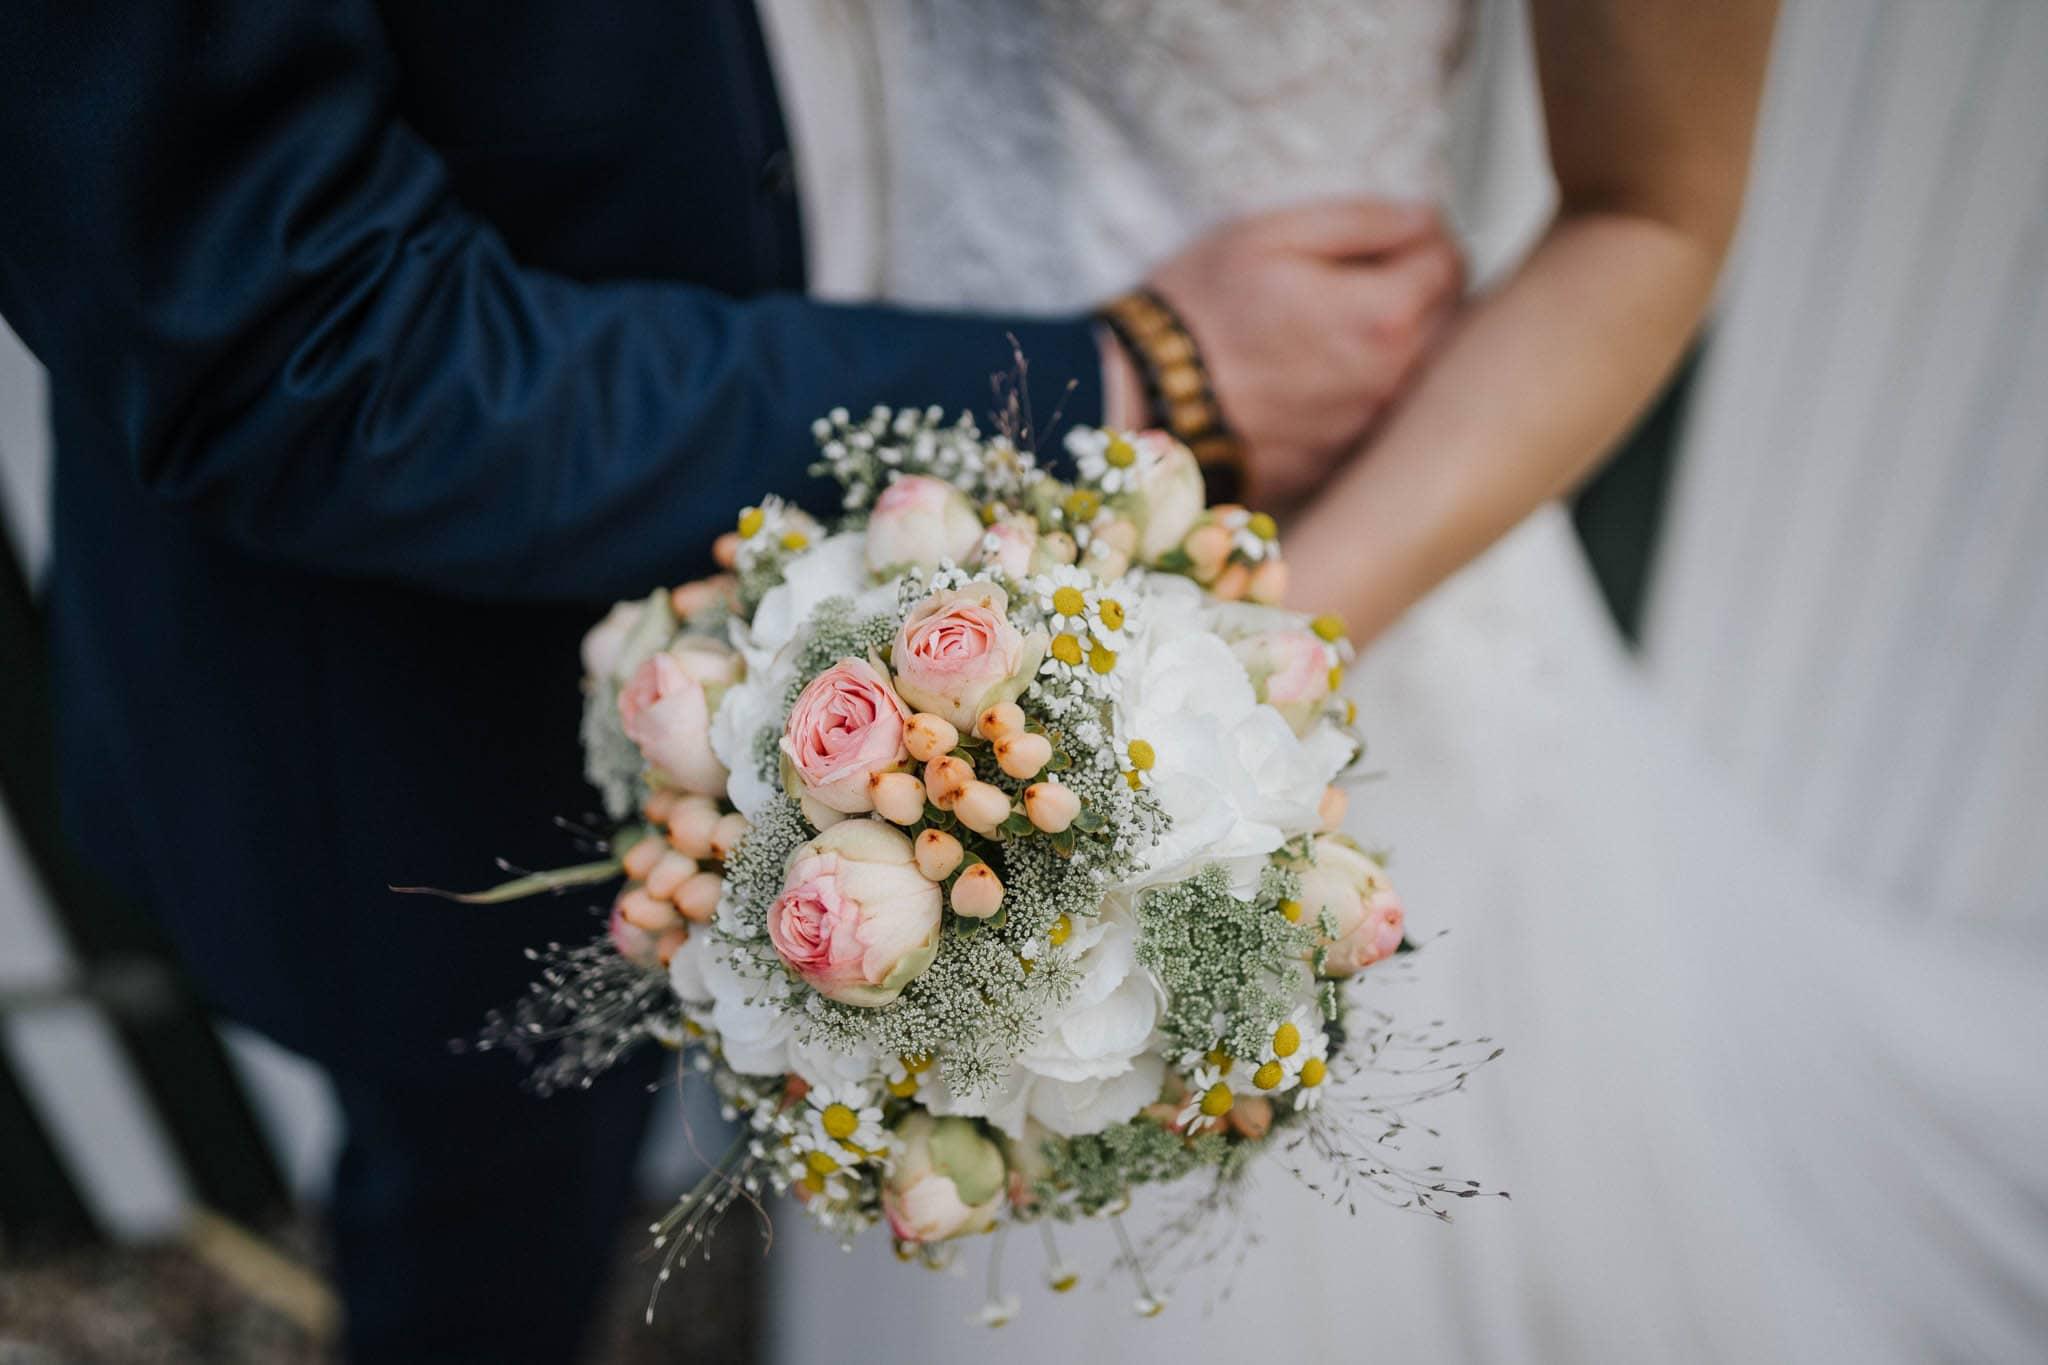 Hochzeitsfieber by Photo-Schomburg, Hoichzeitsfotograf, Hamburg, Wedding, Weddingtime, Hochzeitspaar, Braut, Bräutigam, Hochzeit im Norden,-87